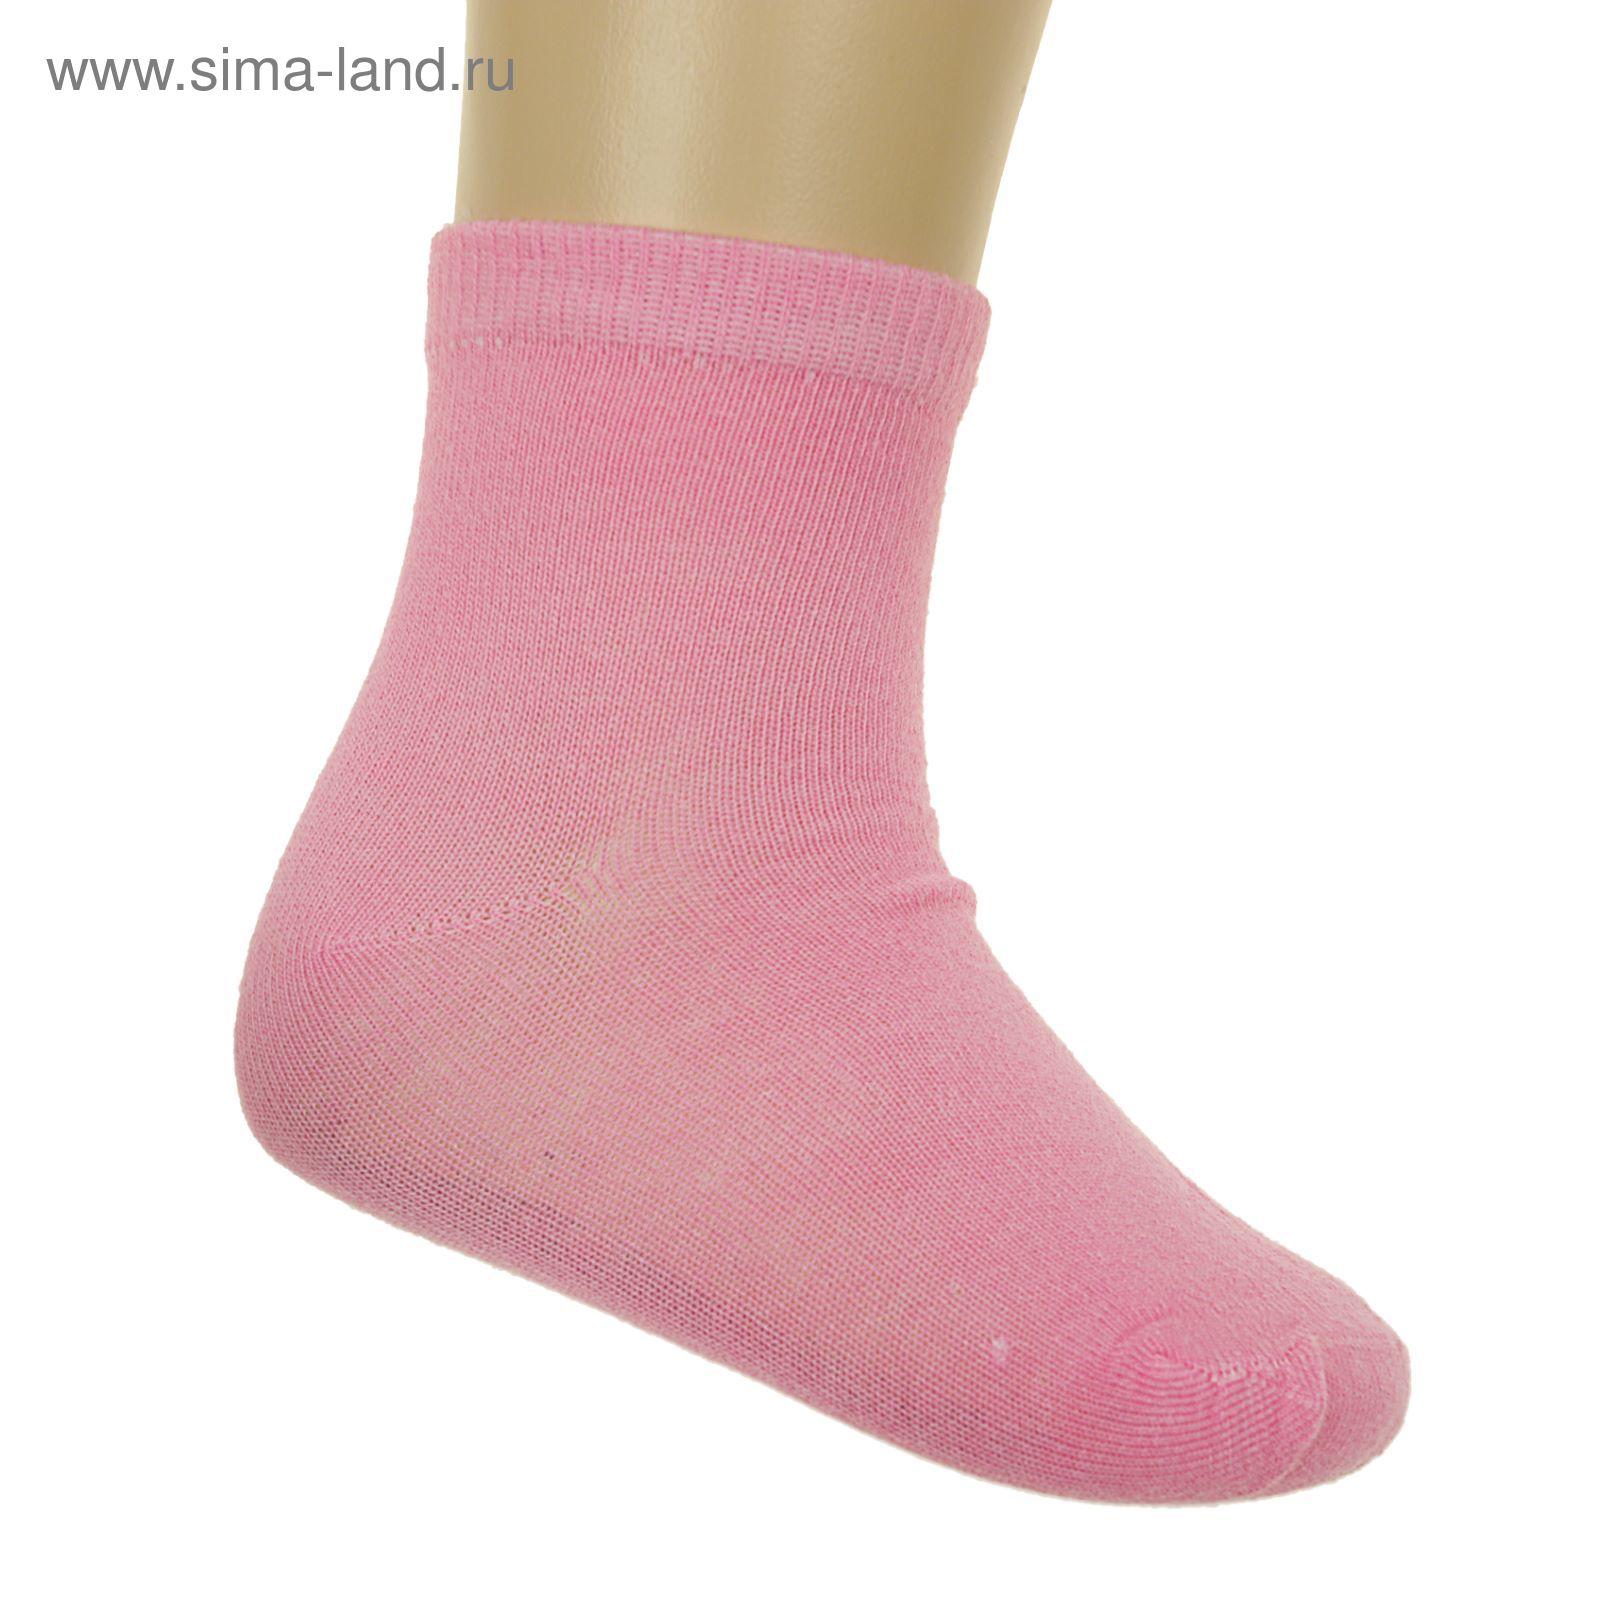 465e787de Носки детские Классика, размер 12-14 (размер обуви 20-22), цвет темн ...